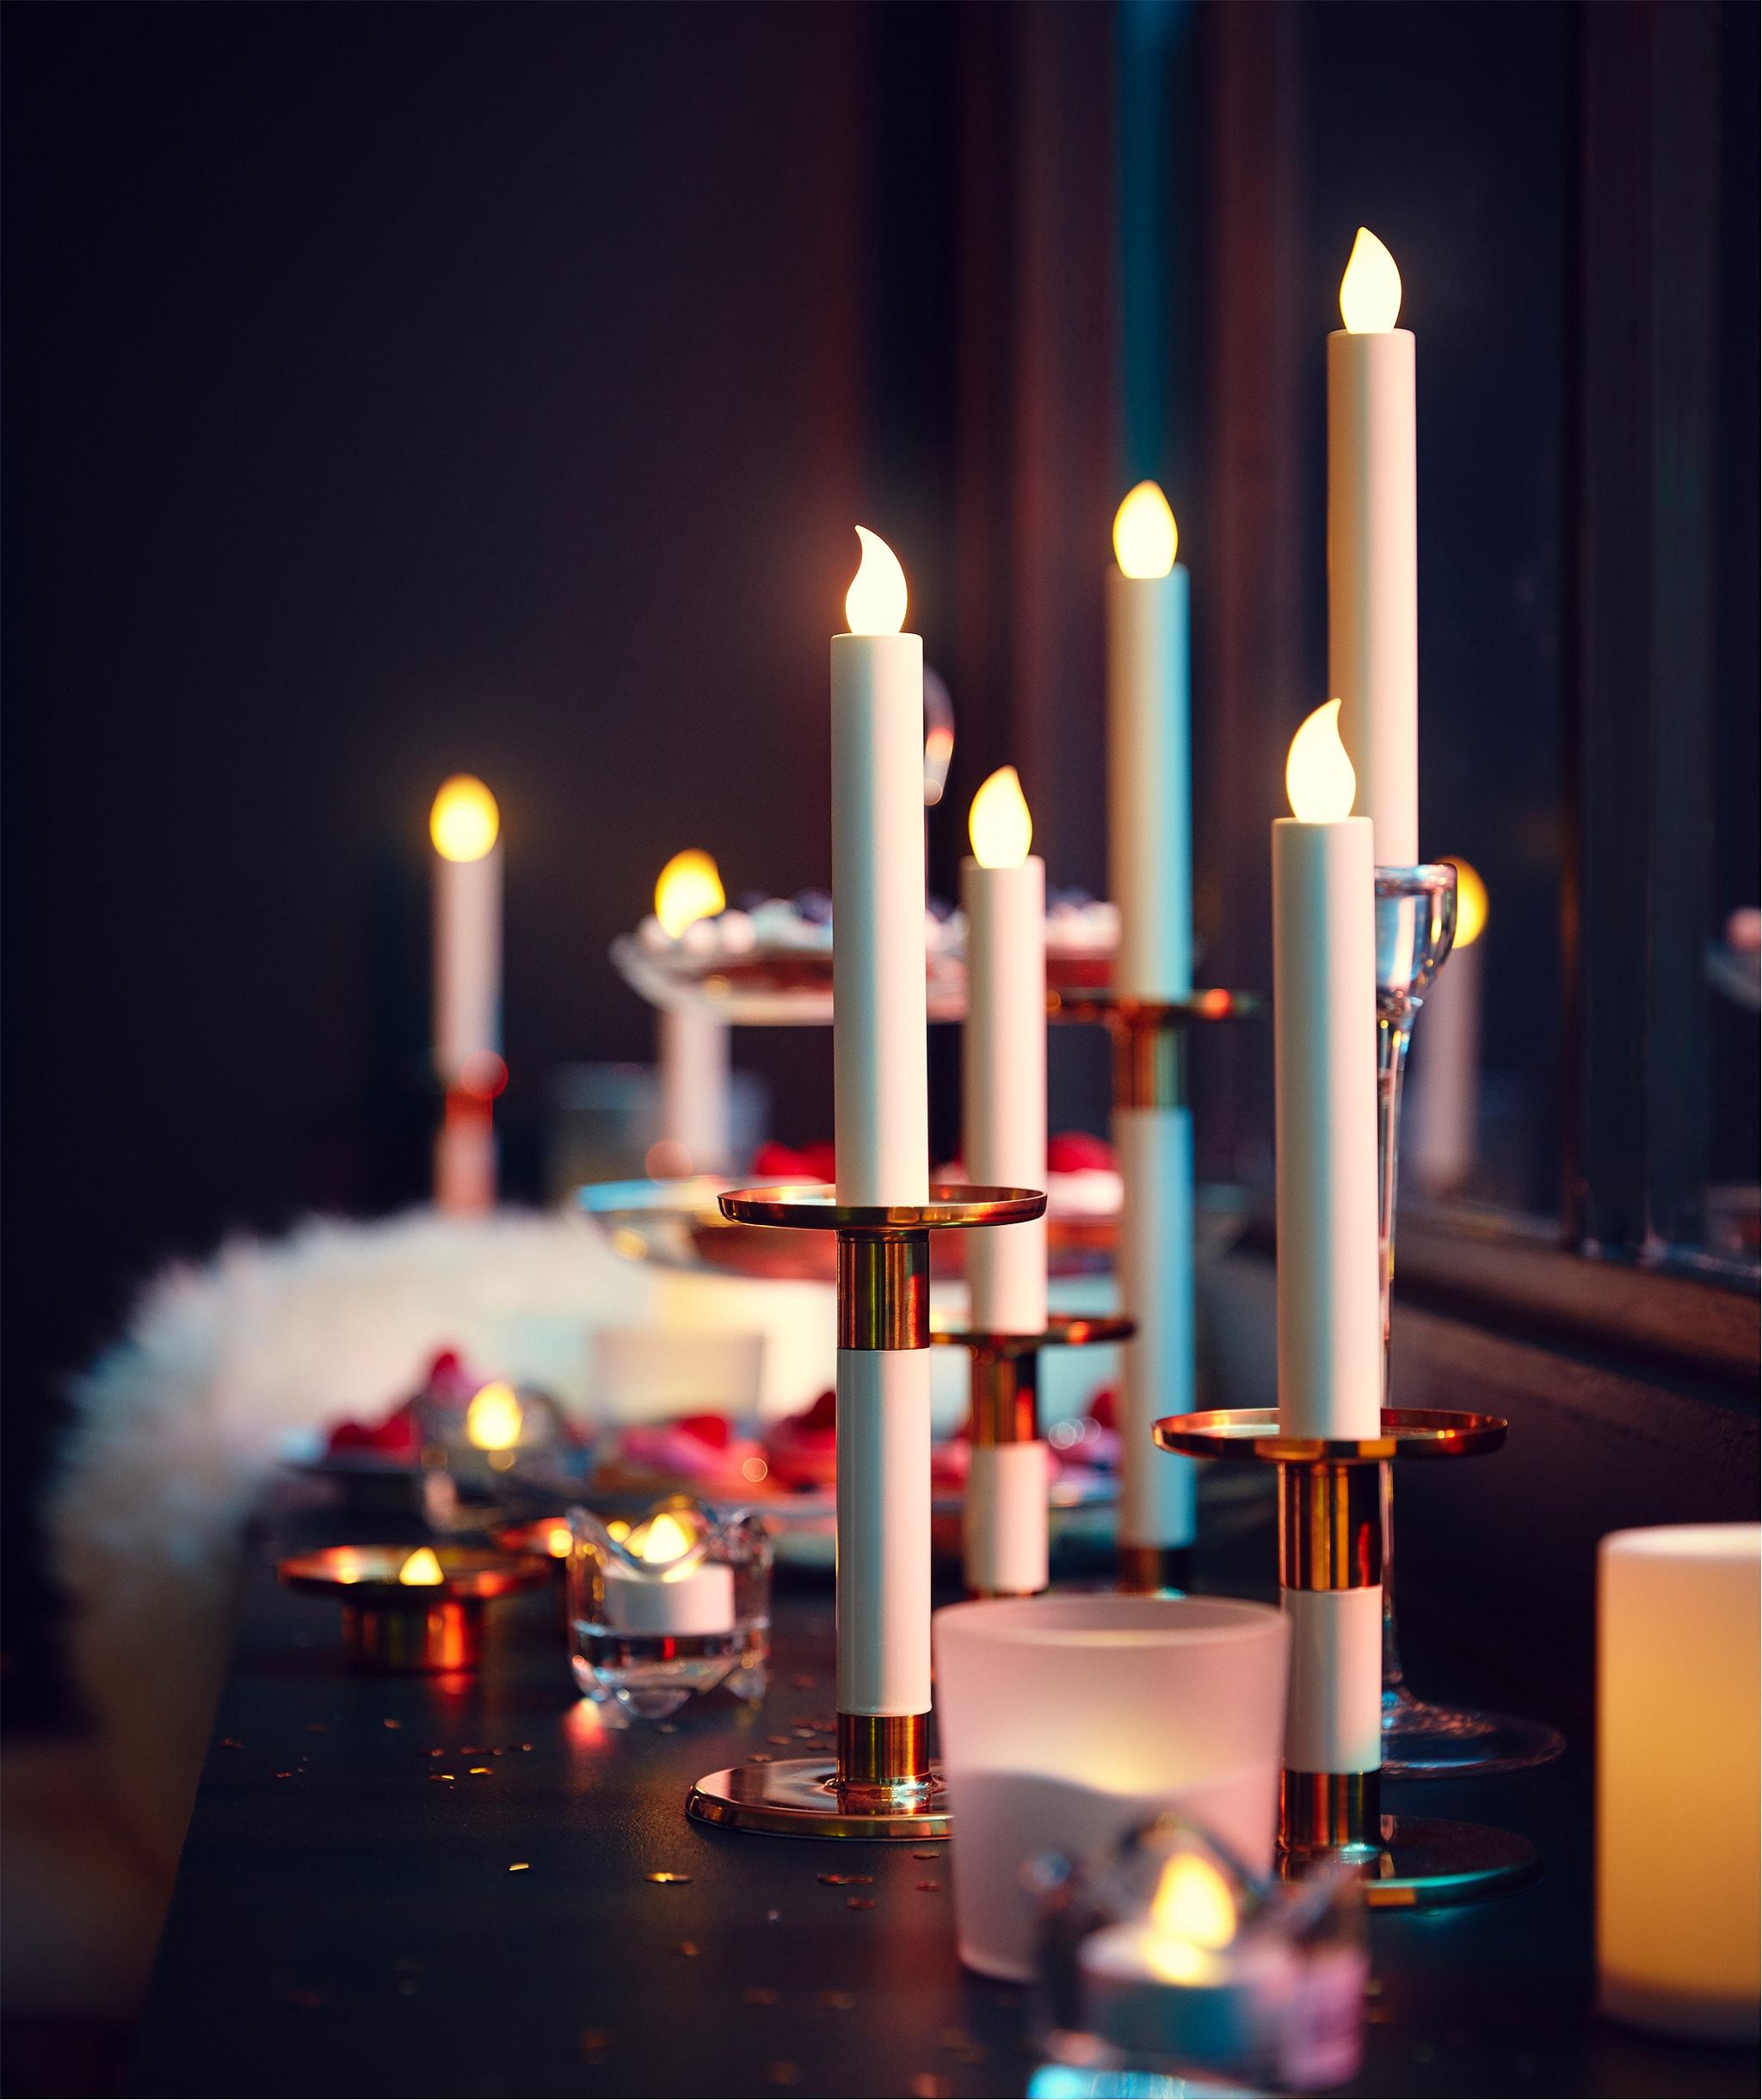 長而深的窗台擺滿LED蠟燭和茶燭,鋪有一張用來坐的羊皮,還有盛載小食的糕餅架。